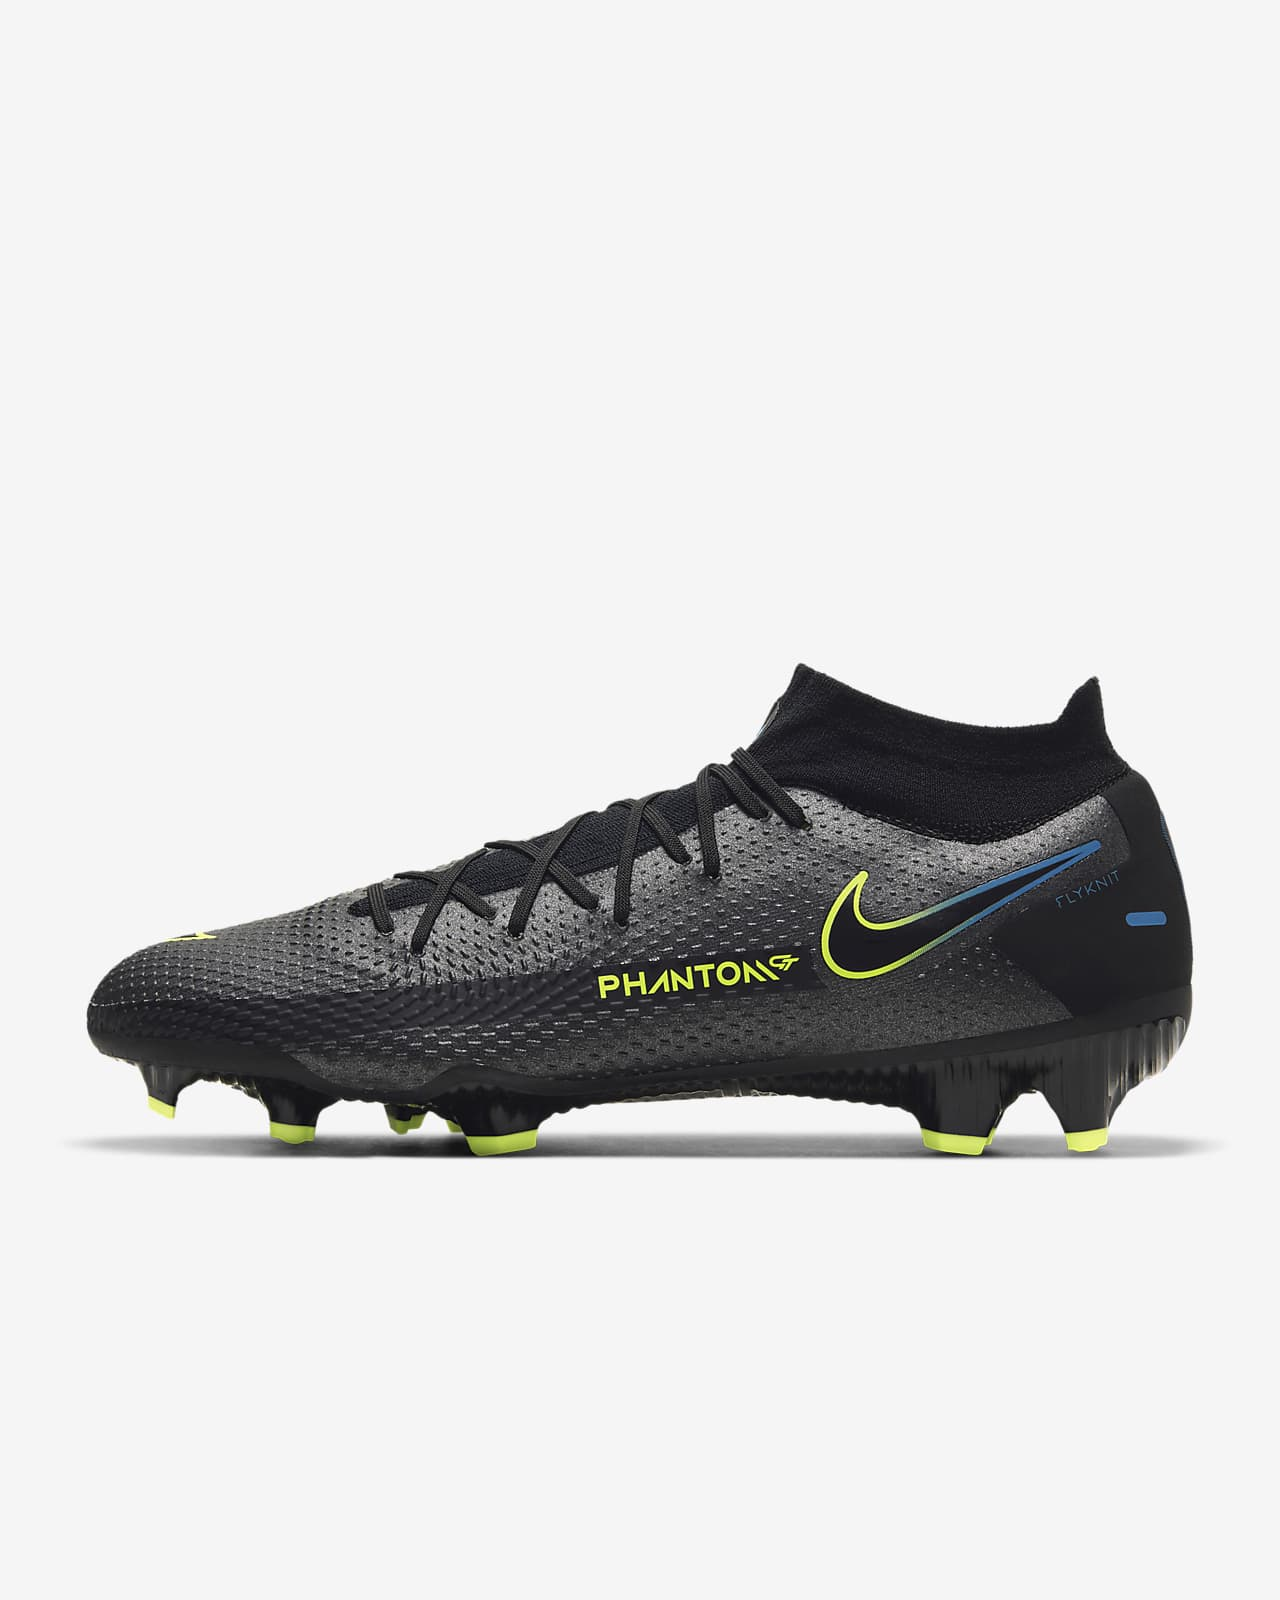 Chaussure de football à crampons pour terrain sec Nike Phantom GT Pro Dynamic Fit FG